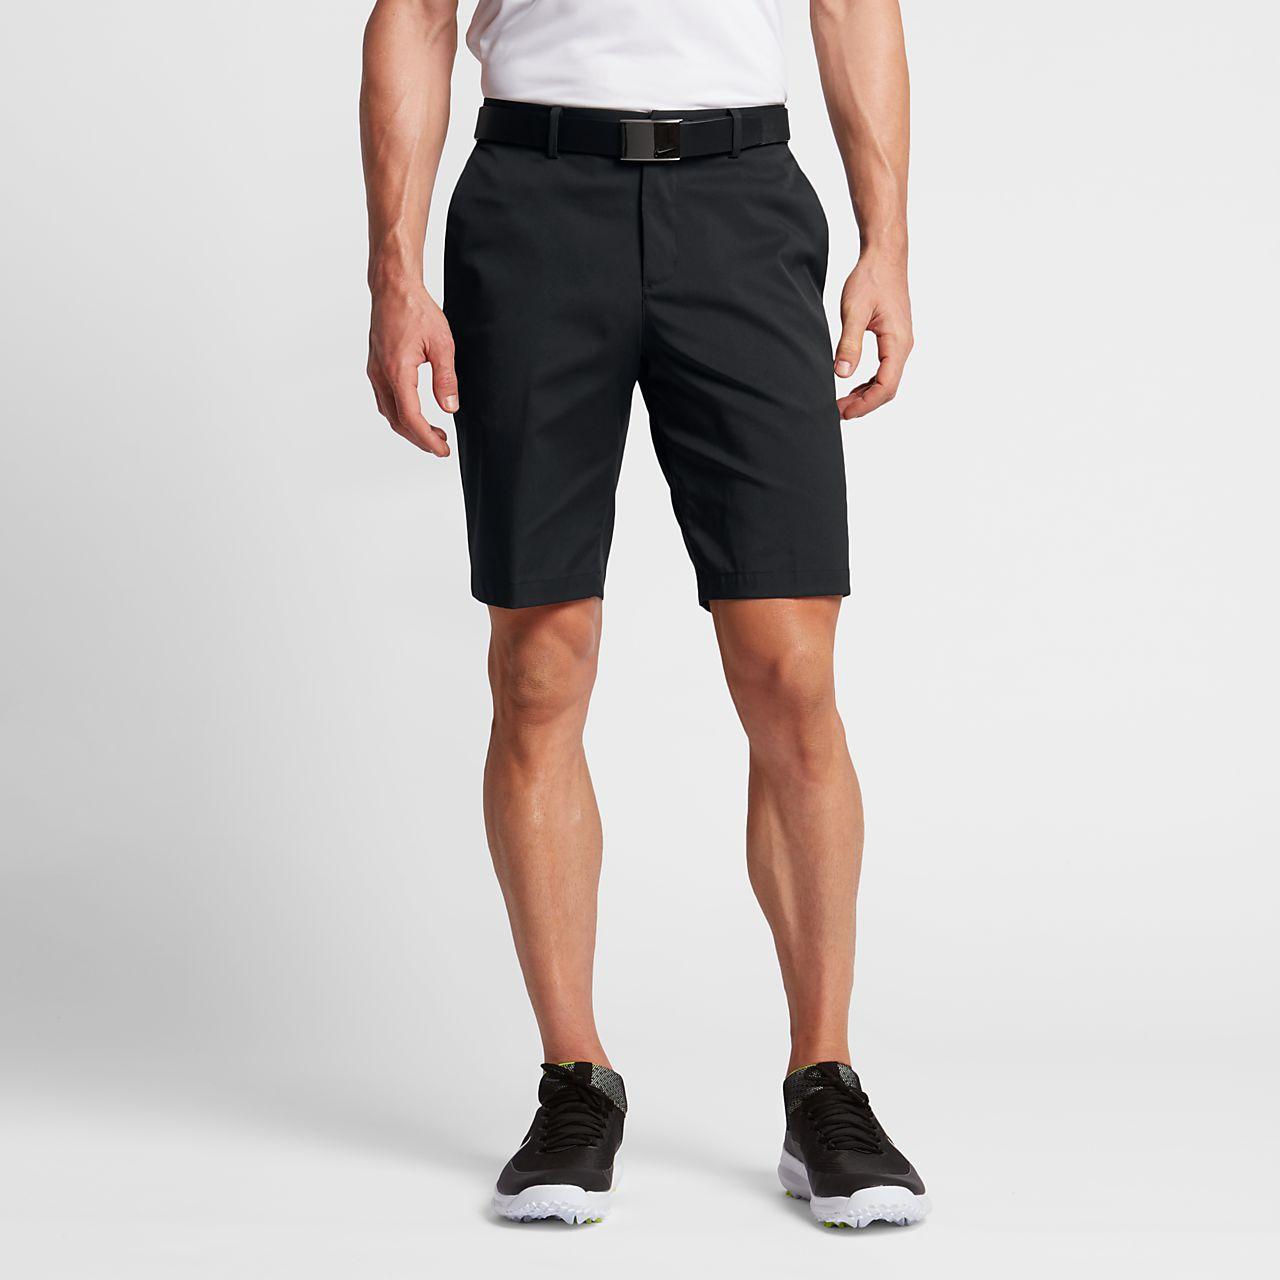 Nike Flat Front Herren-Golfshorts (ca. 26,5 cm)